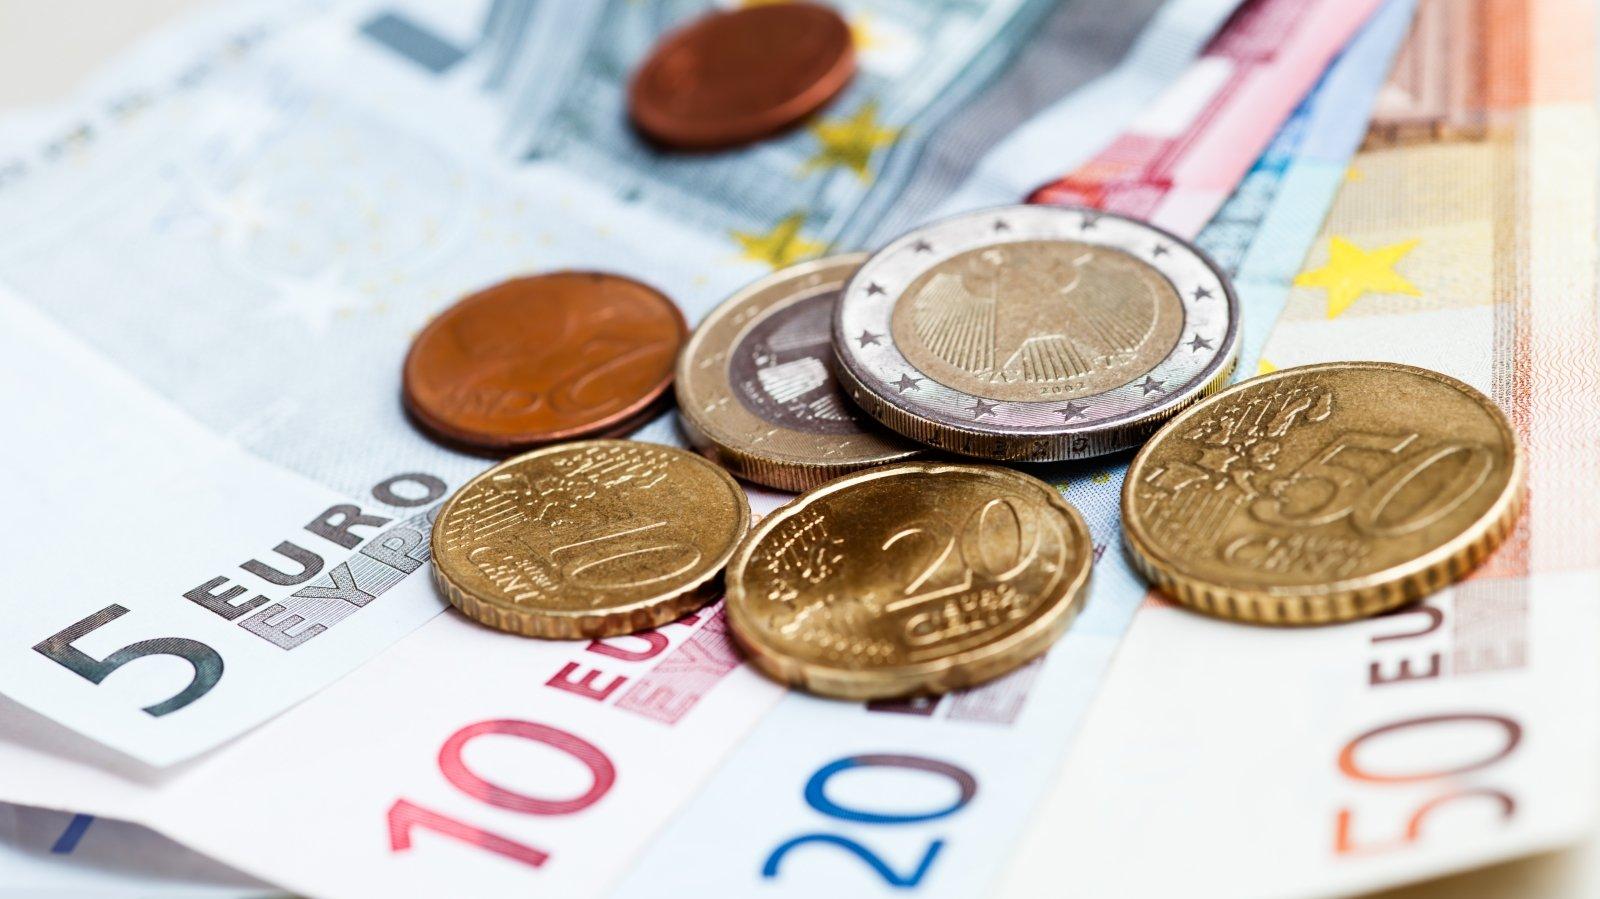 vykdyti prekybą eurais kas yra dvejetainių opcionų premijos